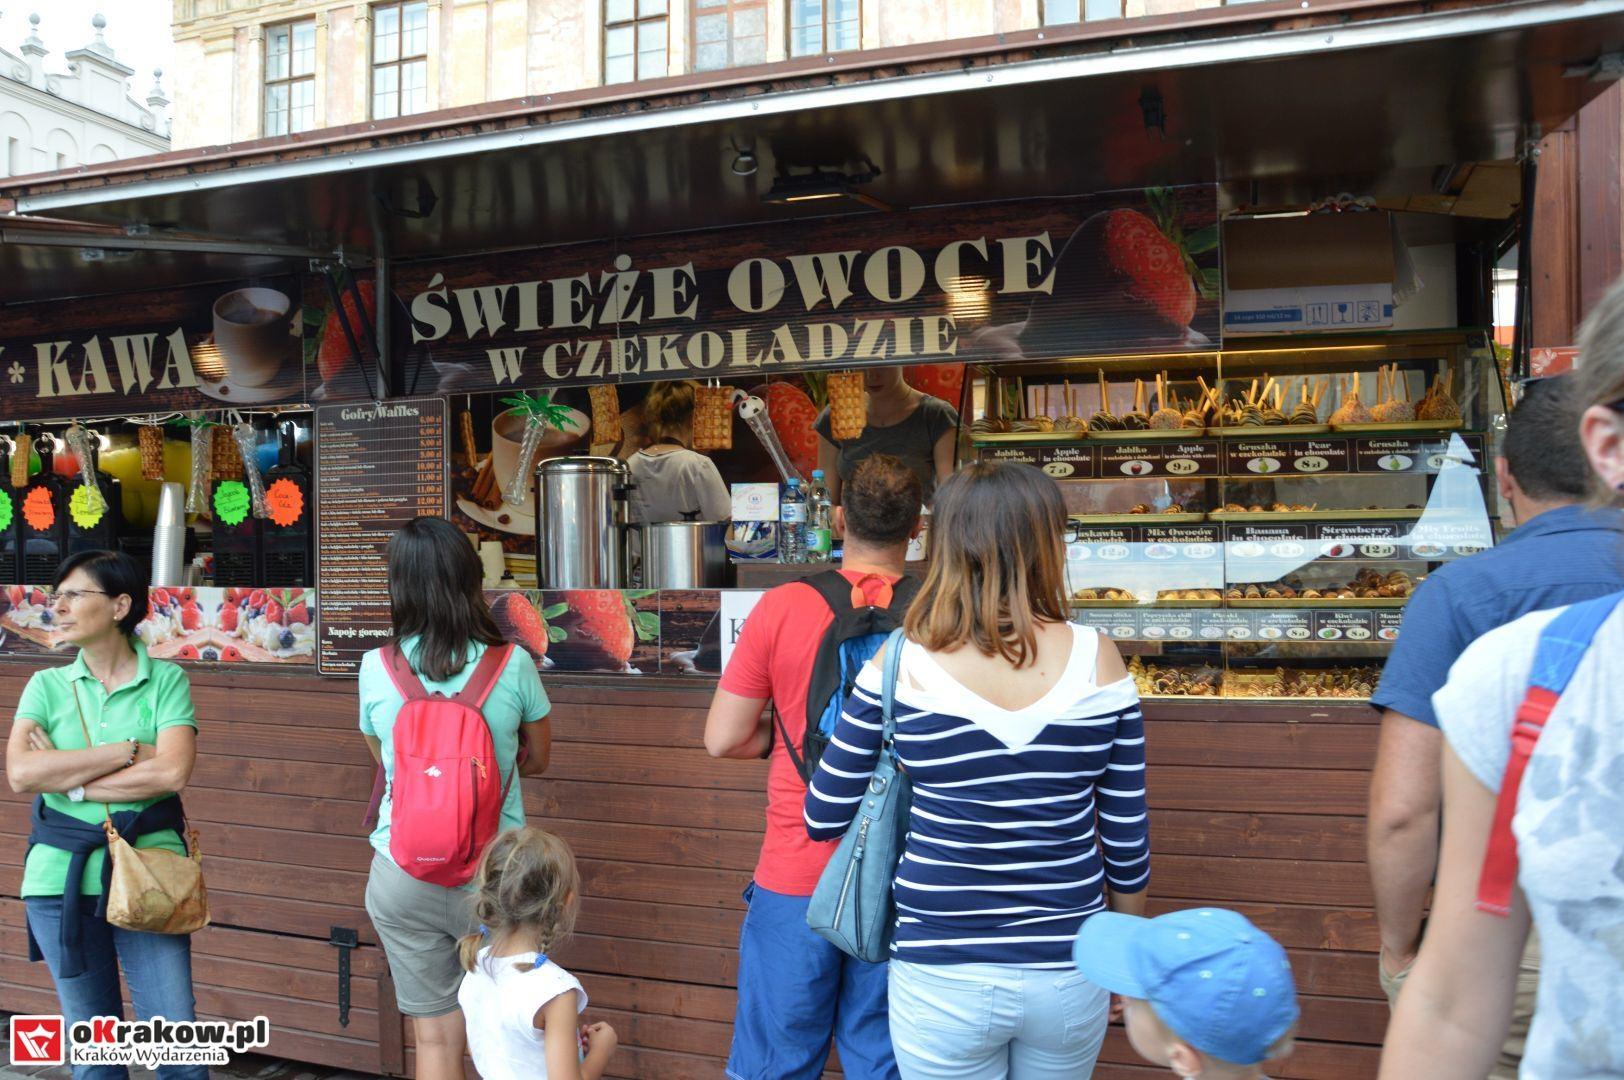 krakow festiwal pierogow maly rynek koncert cheap tobacco 41 150x150 - Galeria zdjęć Festiwal Pierogów Kraków 2018 + zdjęcia z koncertu Cheap Tobacco